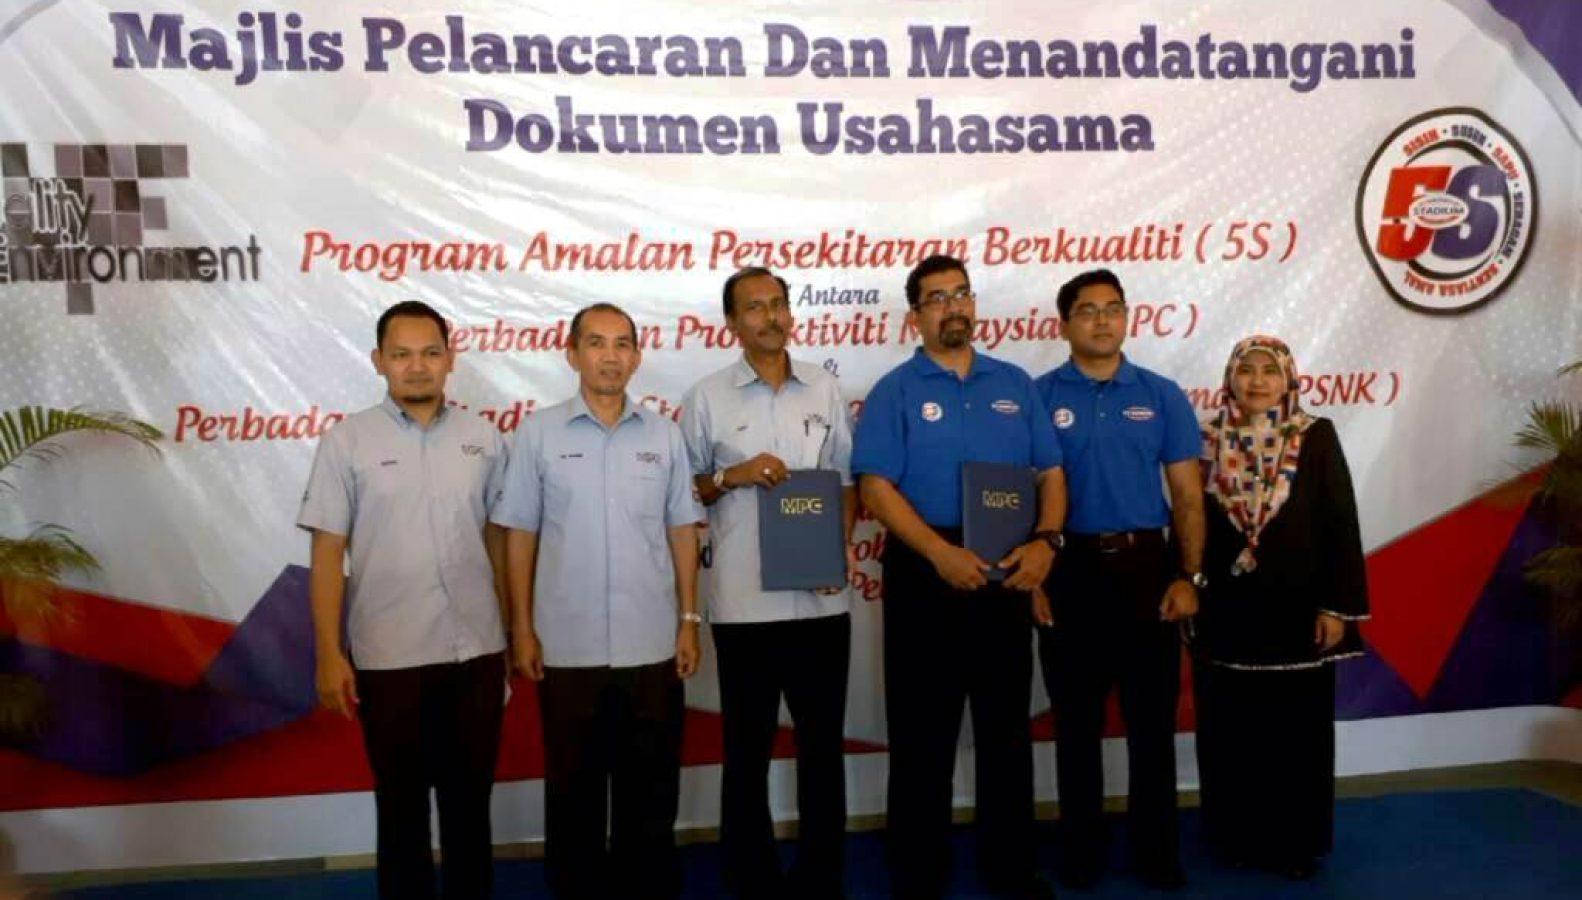 Majlis Pelancaran Dan Menandatangani Dokumen Usahasama Program Amalan Persekitaran Berkualiti (5S)